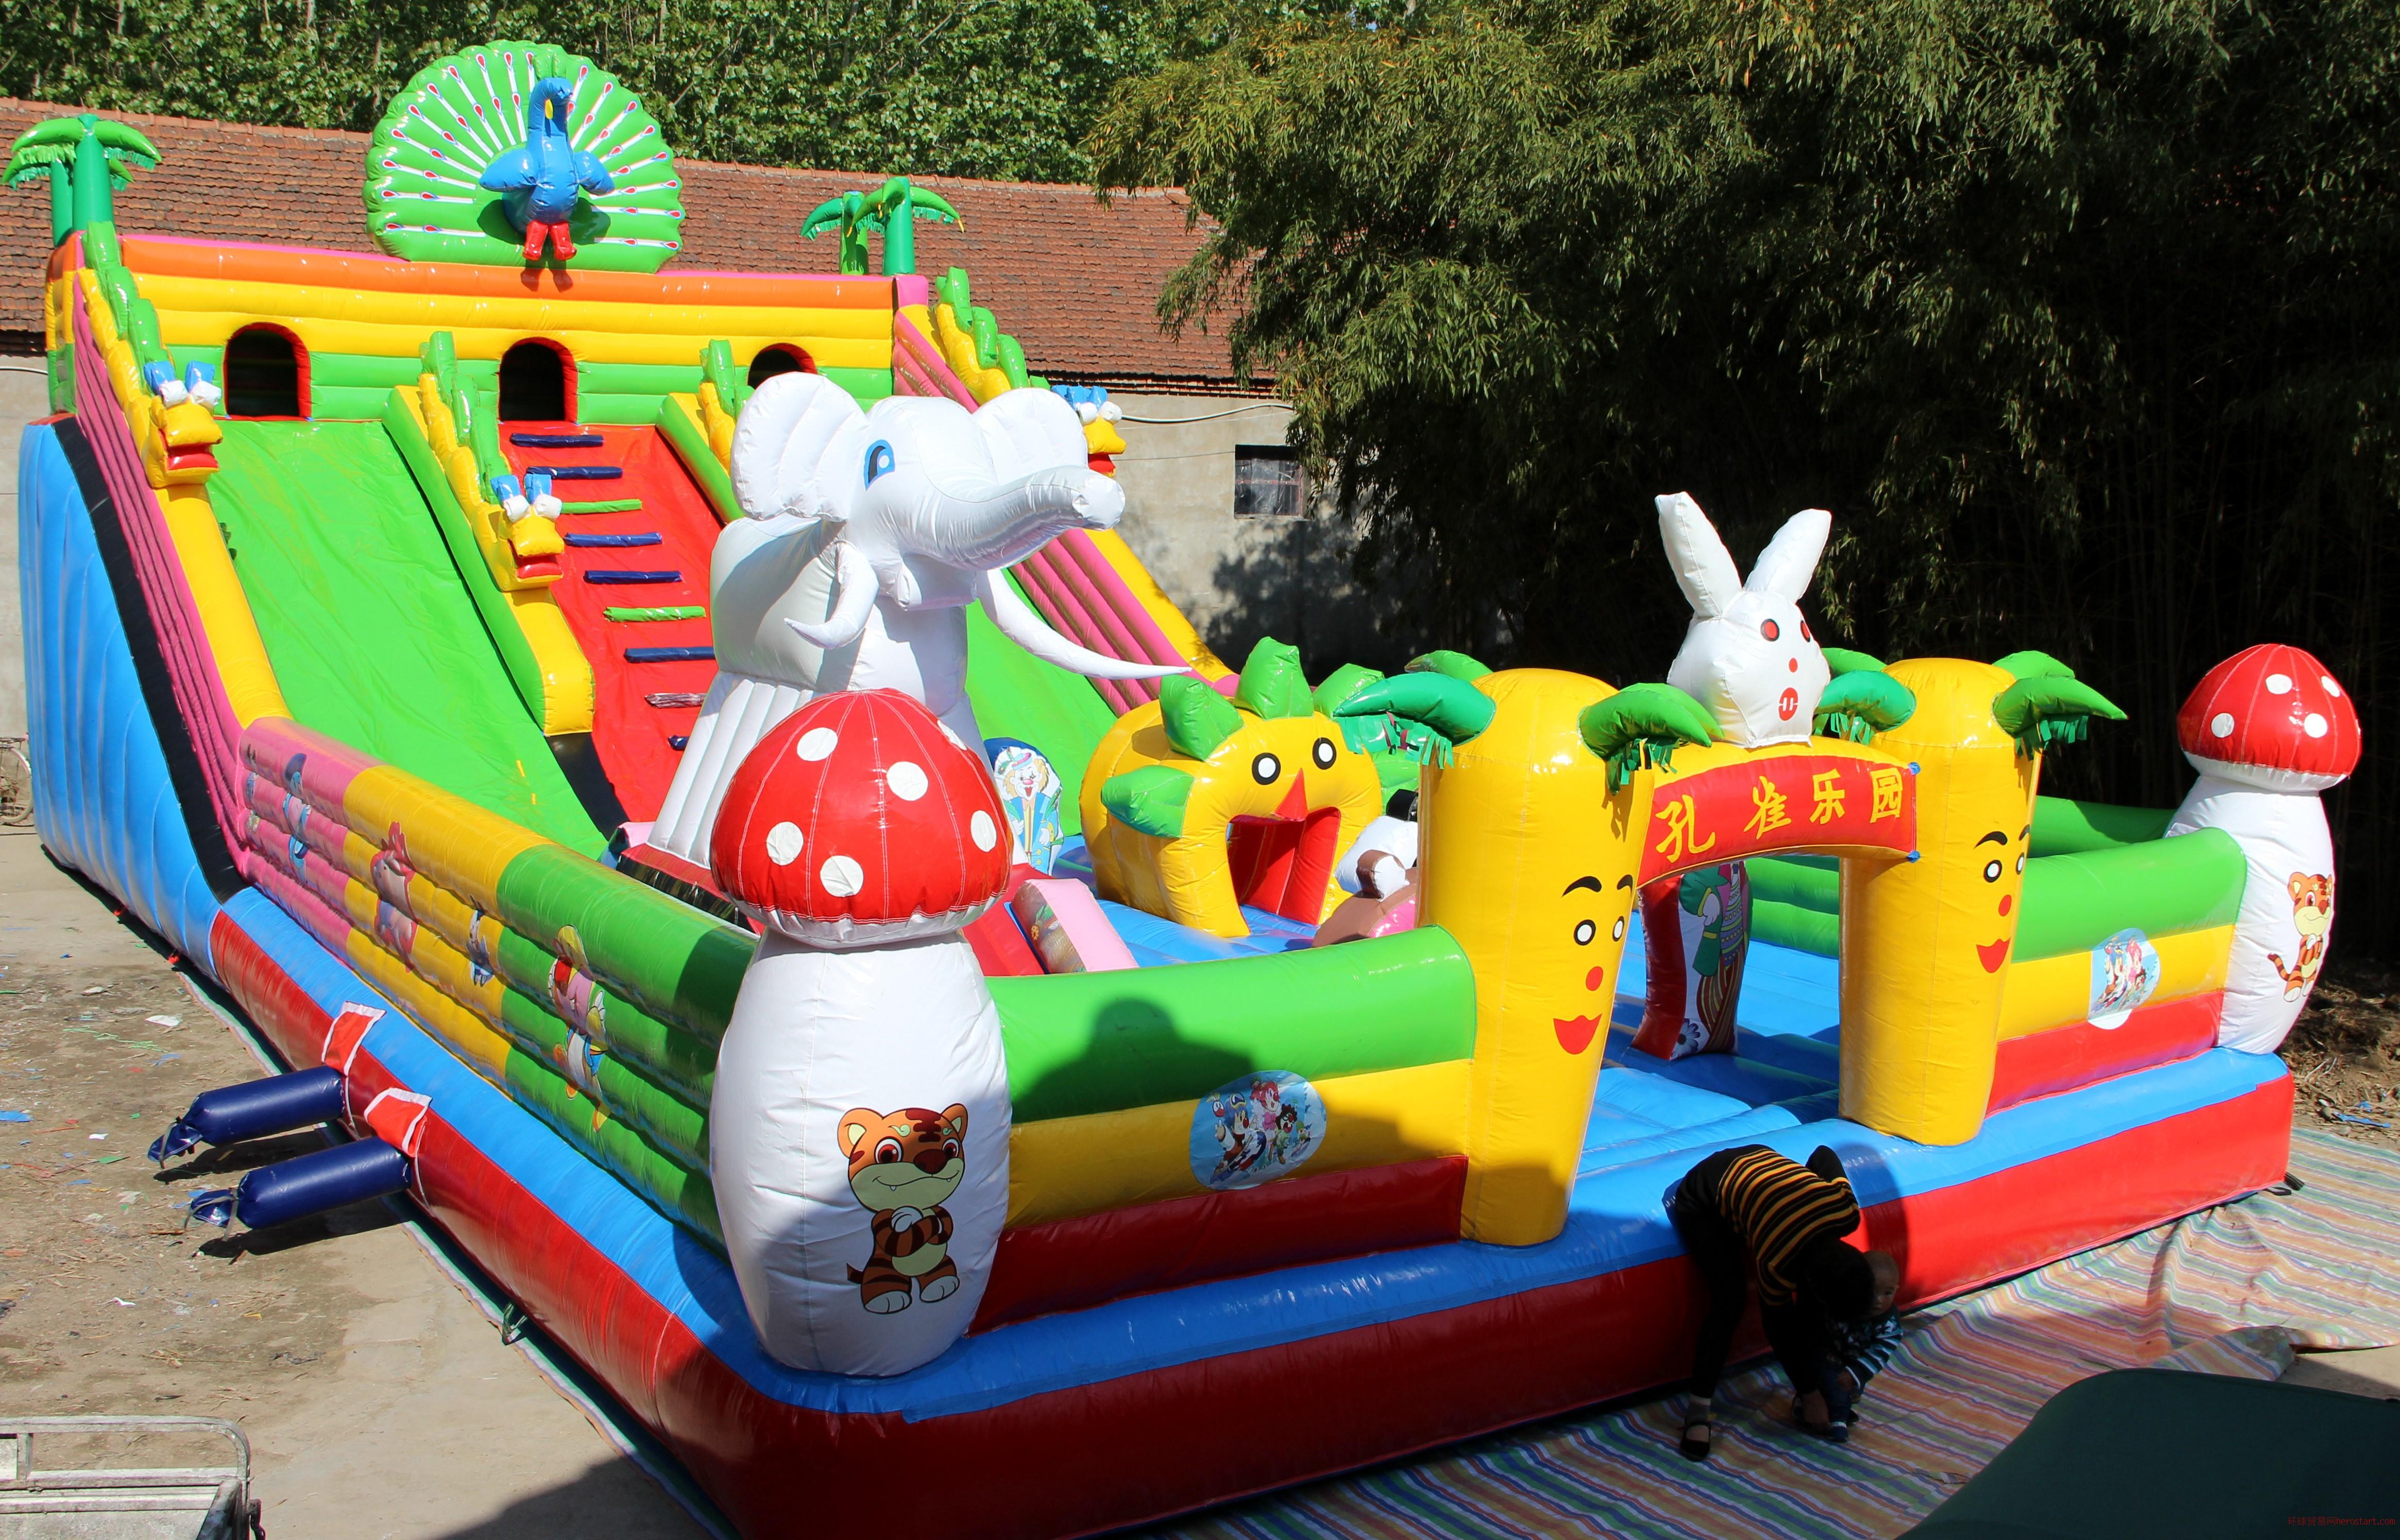 室外大型充气大滑梯 充气城堡 儿童玩具乐园